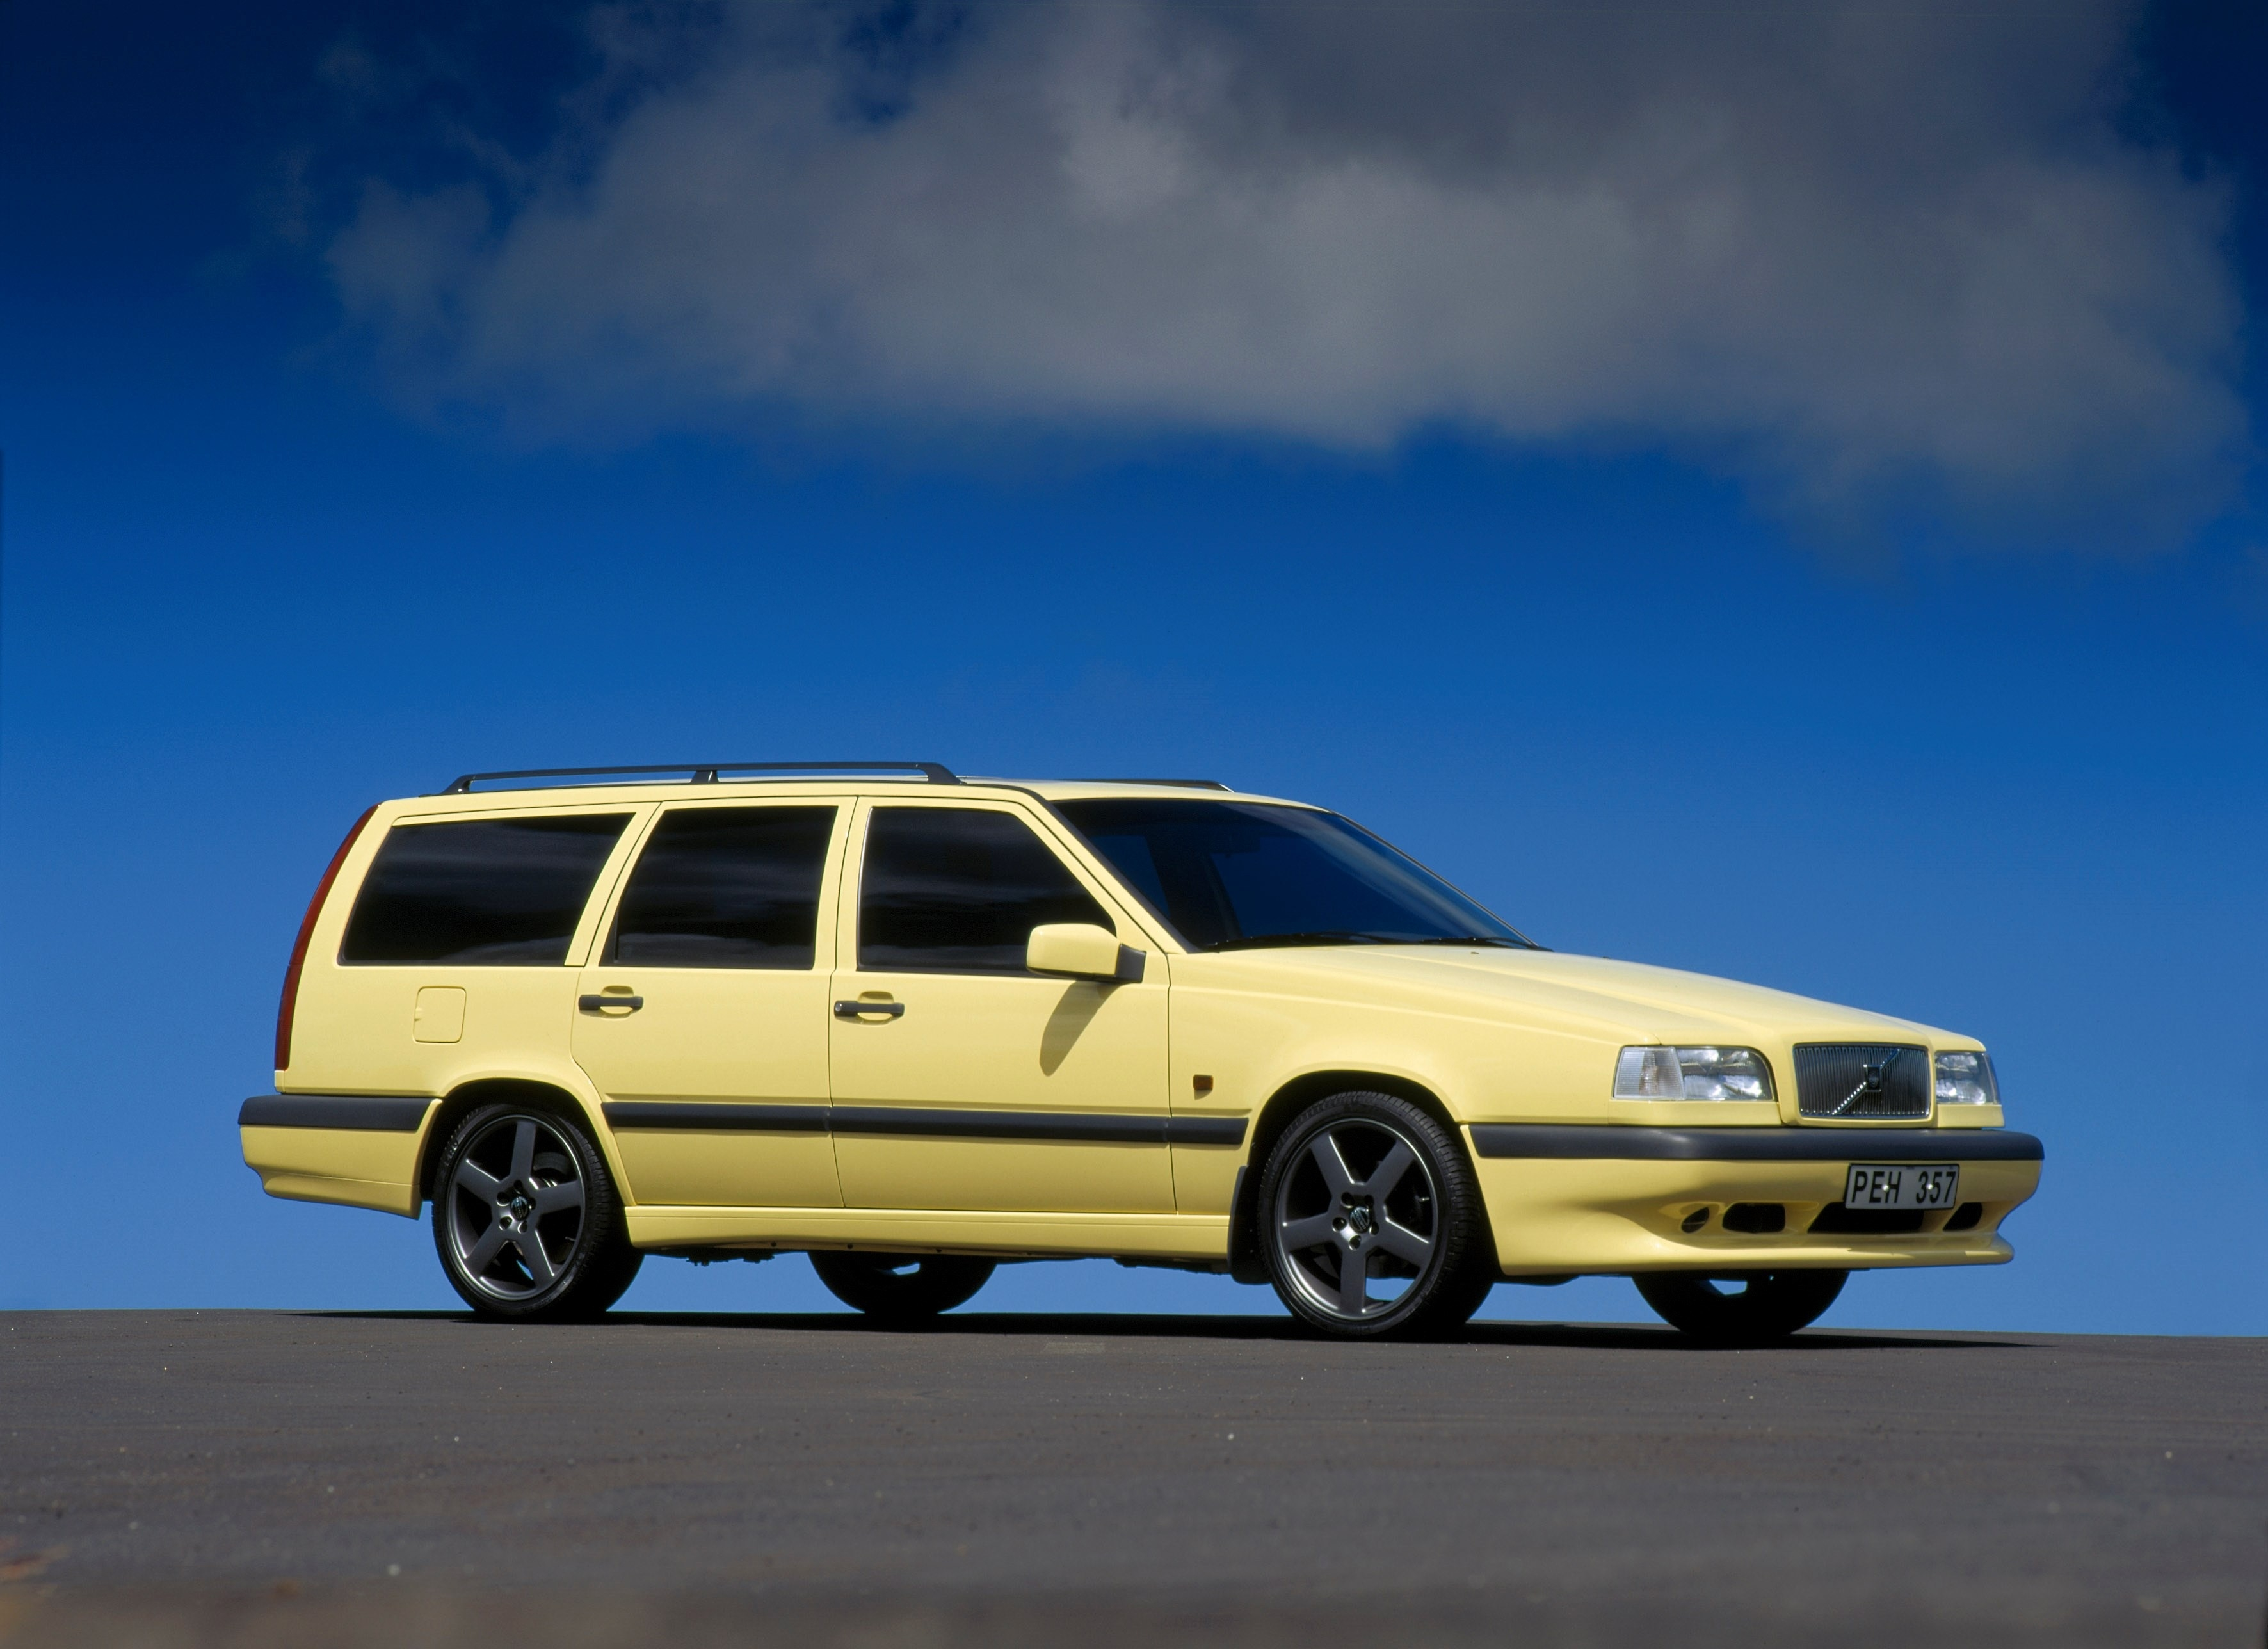 Volvo 850 T5-R/V70 R (1995-2000) : une nordique bouillante, dès 8 000 €